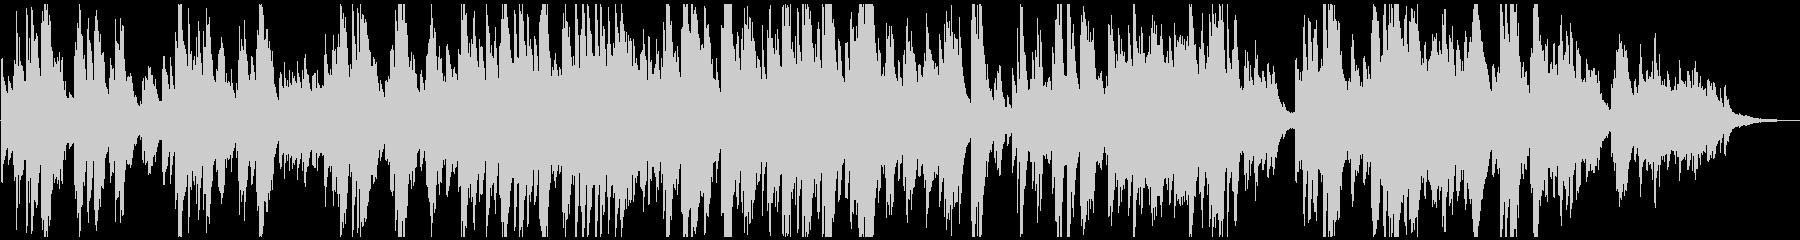 メロディアス 優しくおしゃれなピアノソロの未再生の波形